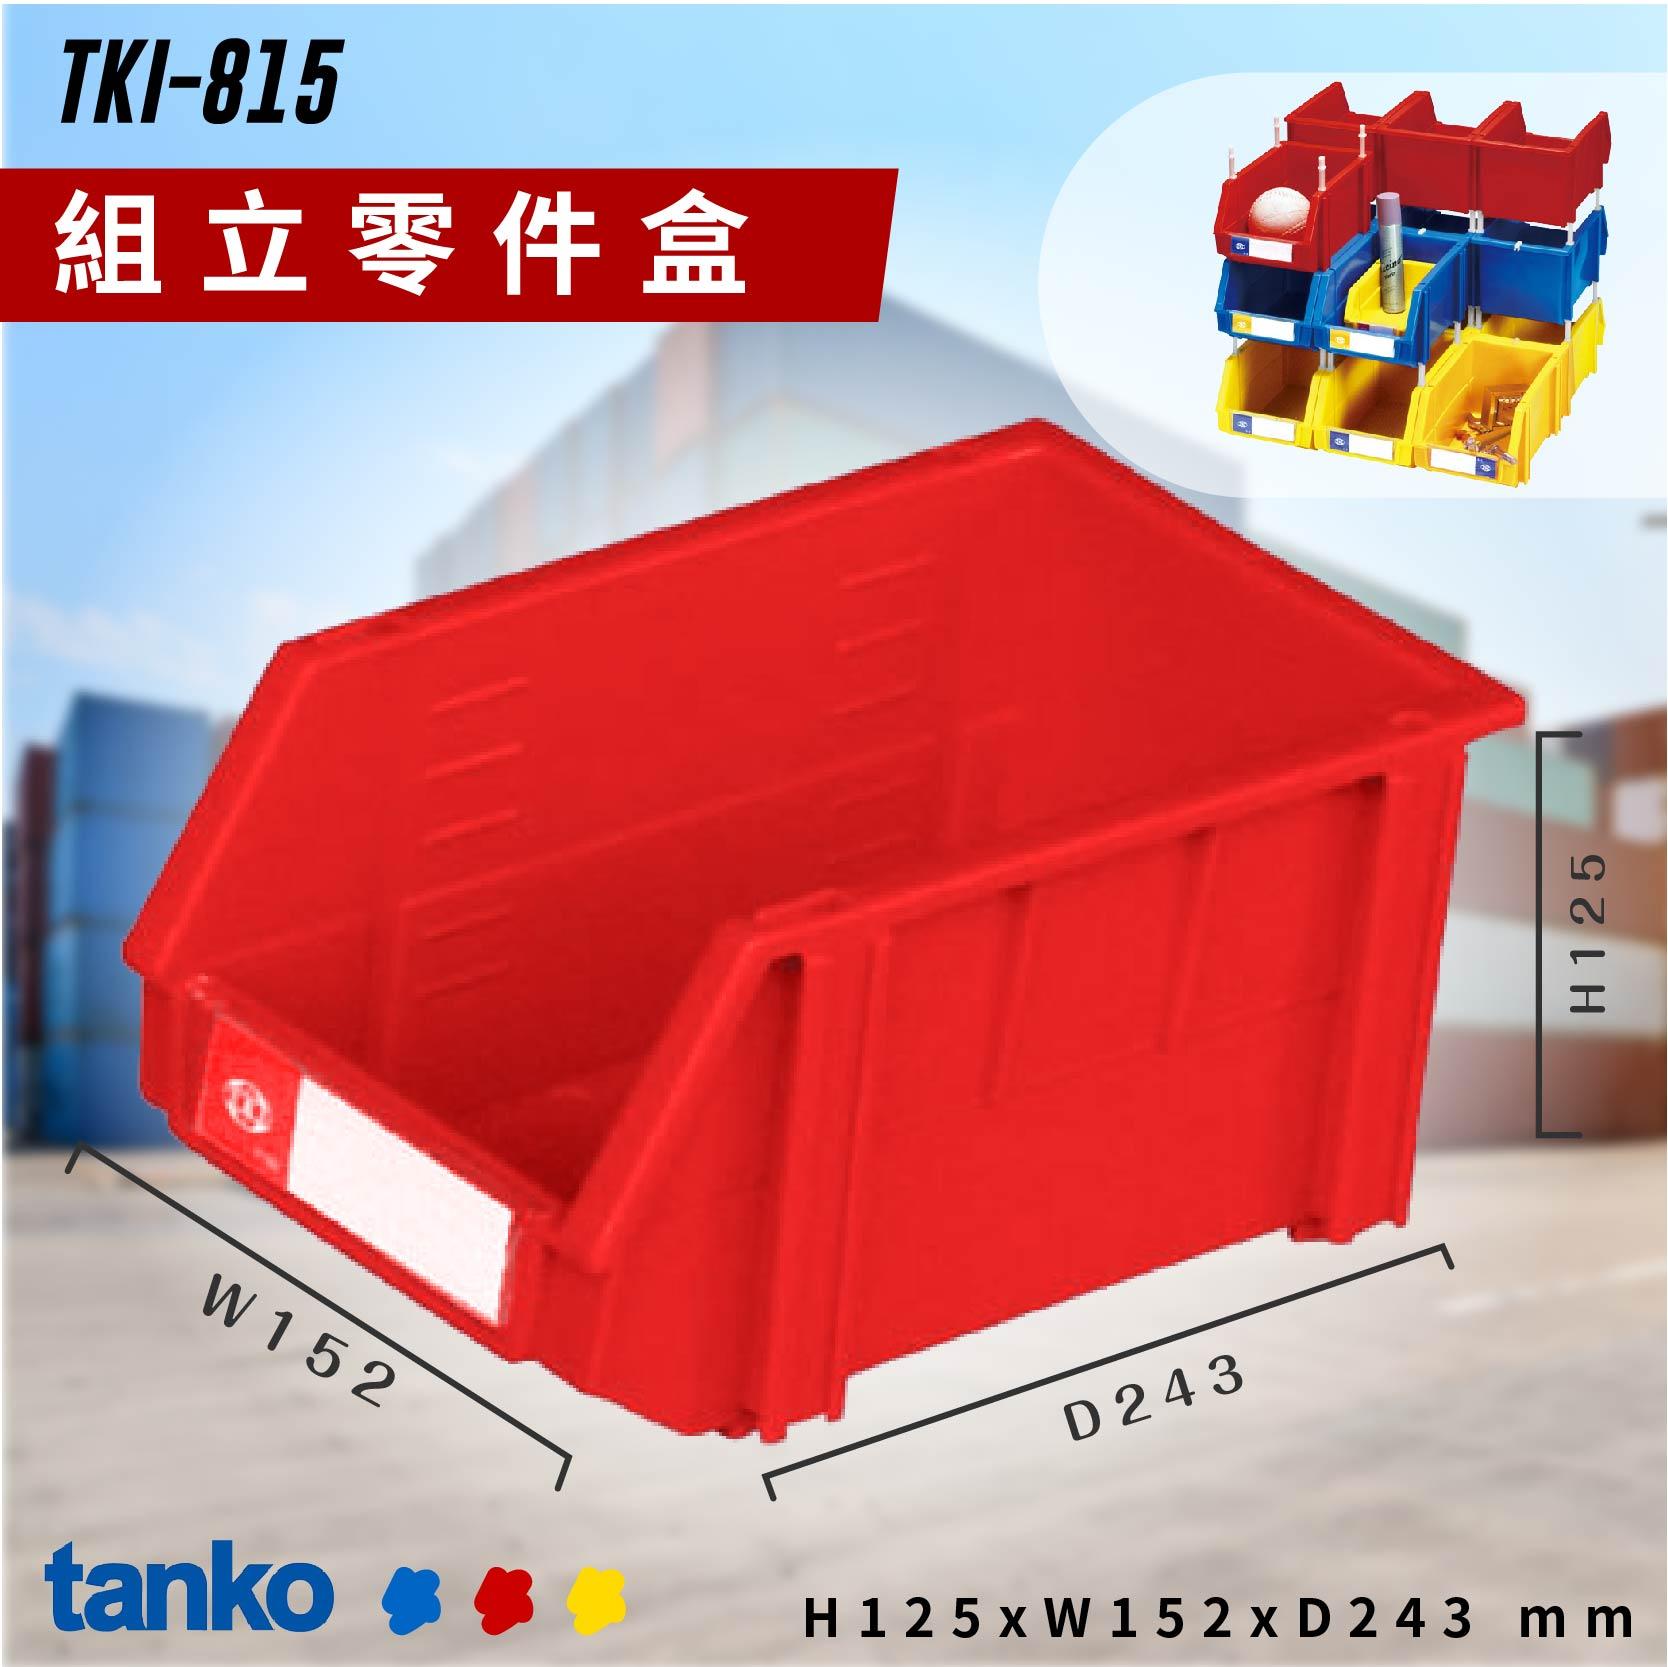 💪 天鋼 TKI-815 紅 組立零件盒 耐衝擊 整理盒 車行 收納盒 分類盒零件櫃 置物盒 零件箱